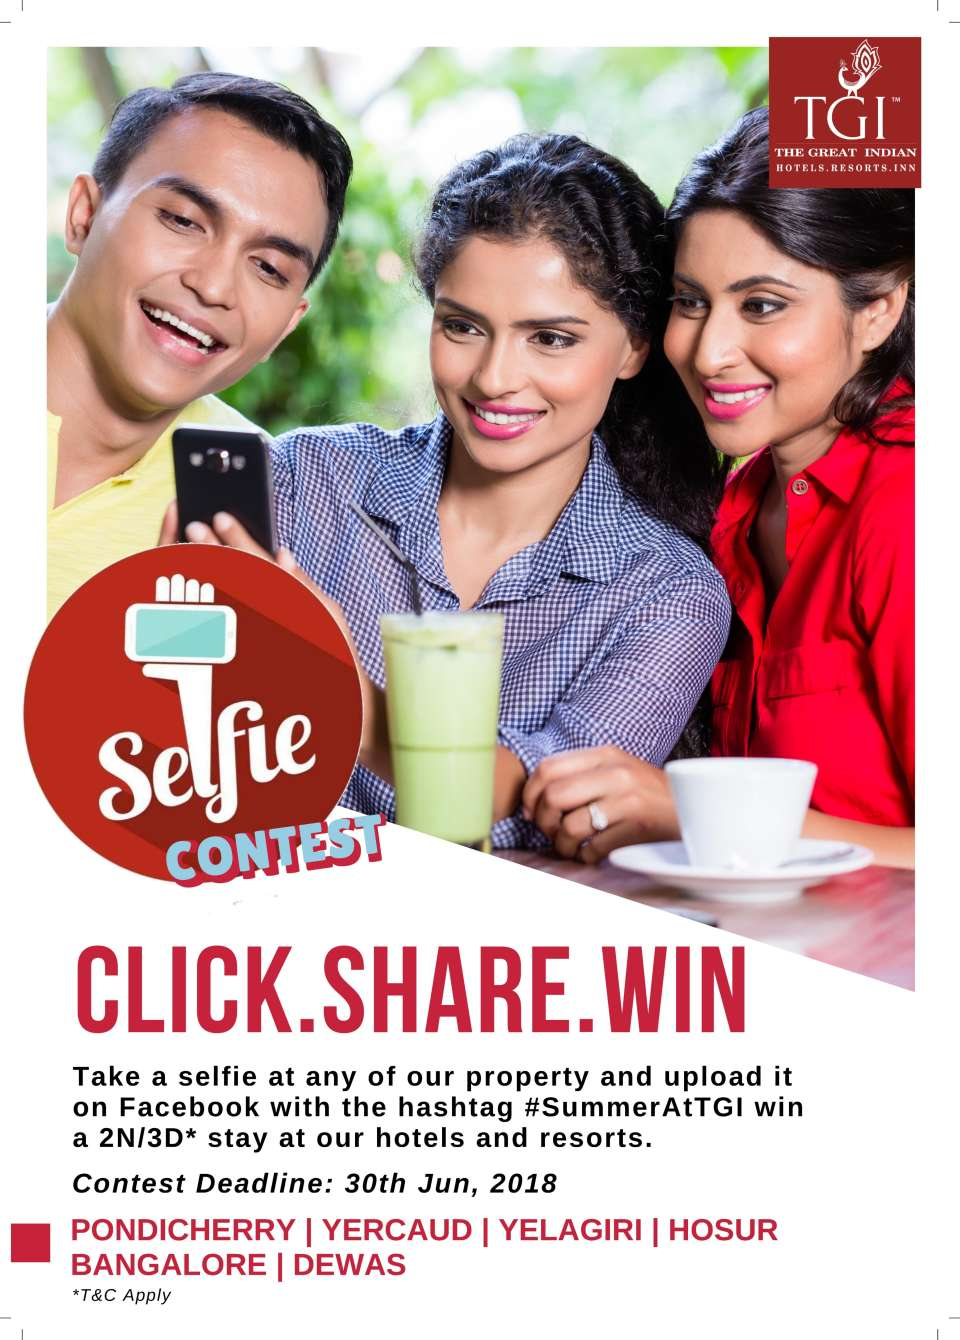 Selfie contest xb96fr